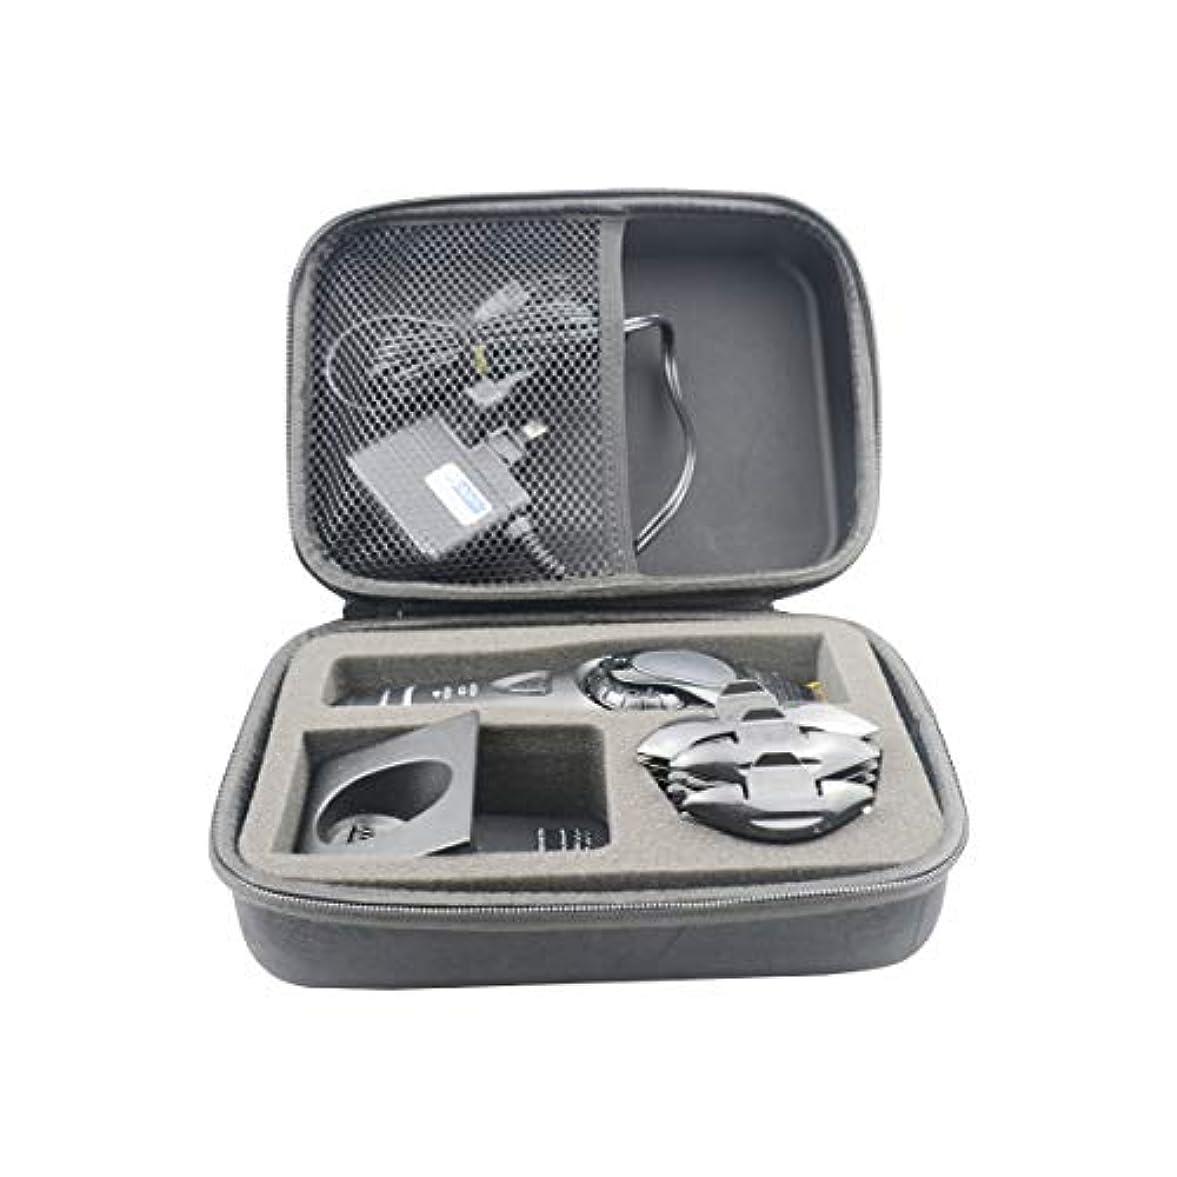 実質的に汚れた専制SANVSENパナソニックER-GP80 Kプロフェッショナルヘアクリッパーハードスーツケース